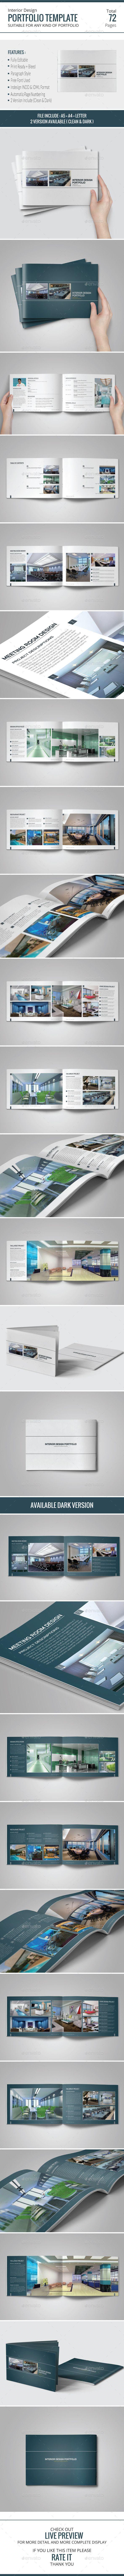 Interior Design Portfolio Template  http://graphicriver.net/item/interior-design-portfolio-template/9563537?WT.ac=portfolio&WT.z_author=habageud